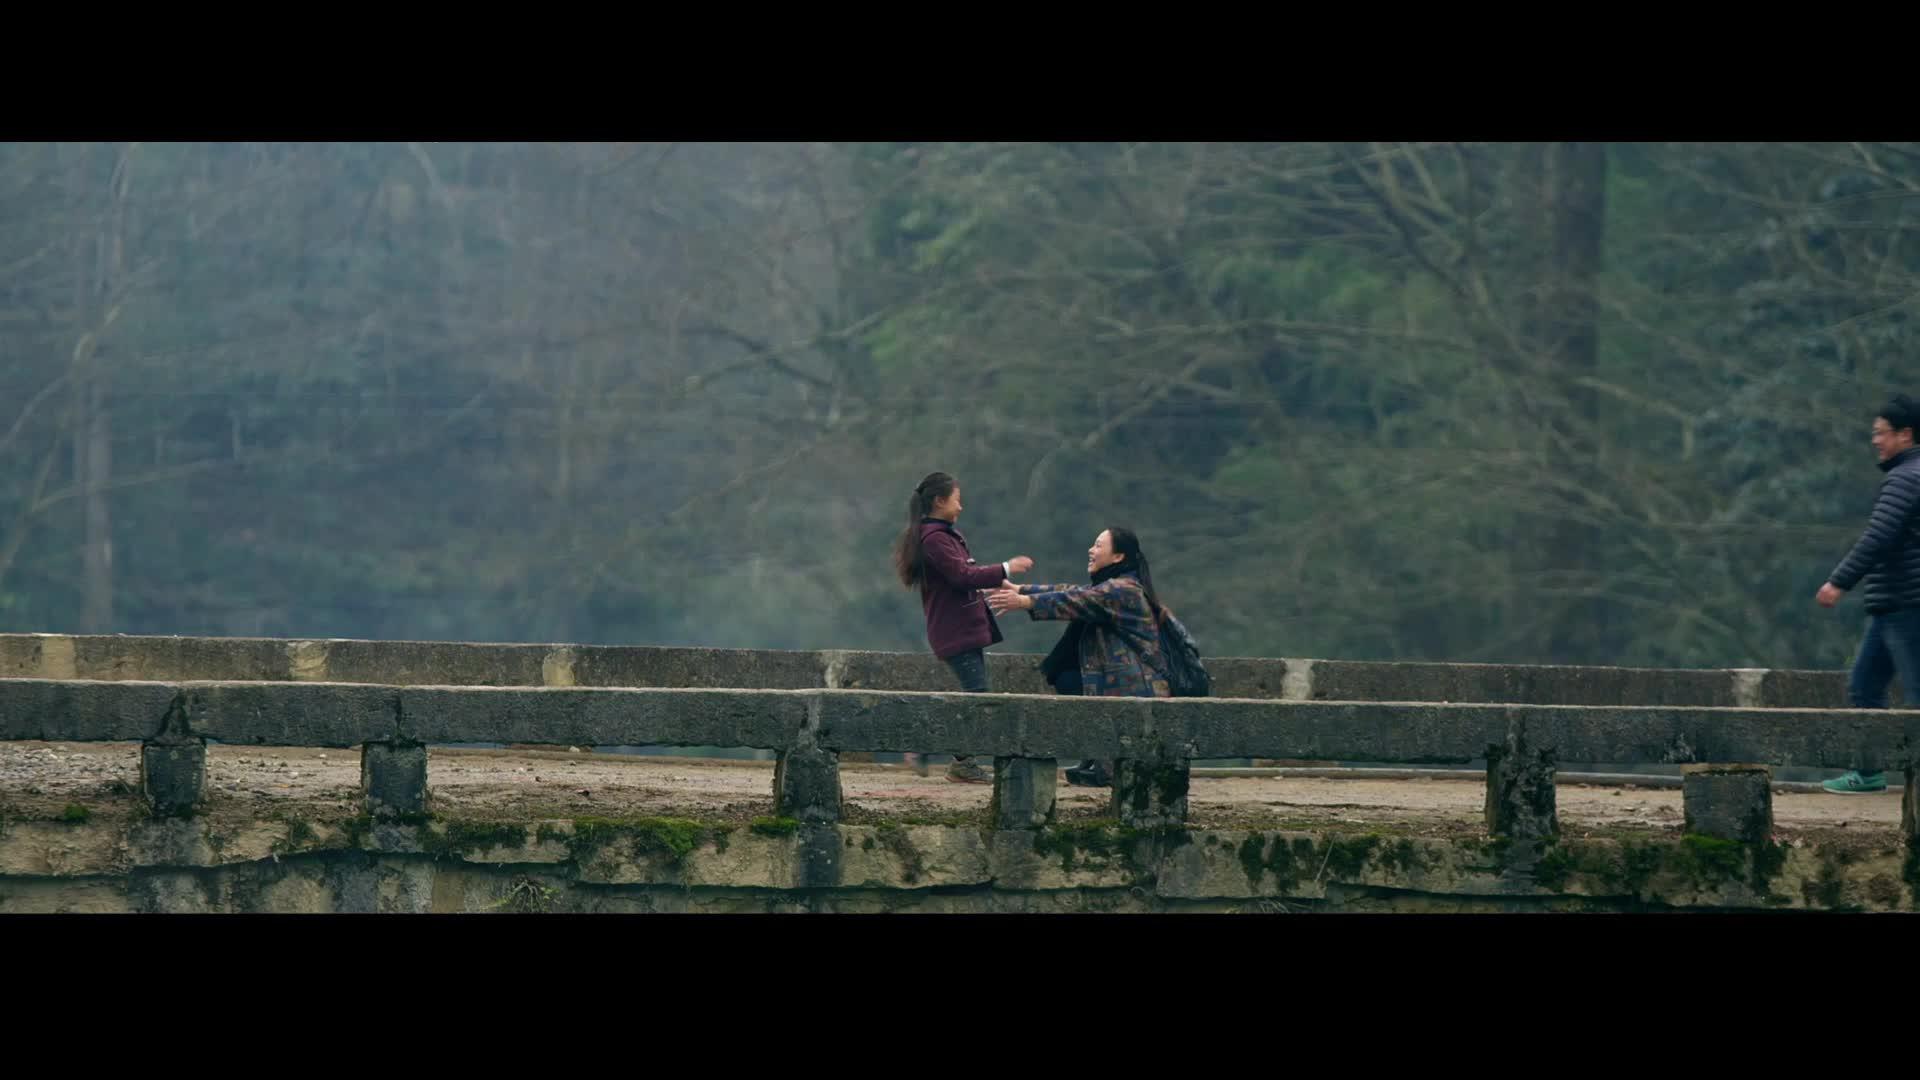 《缺失的爱》预告片